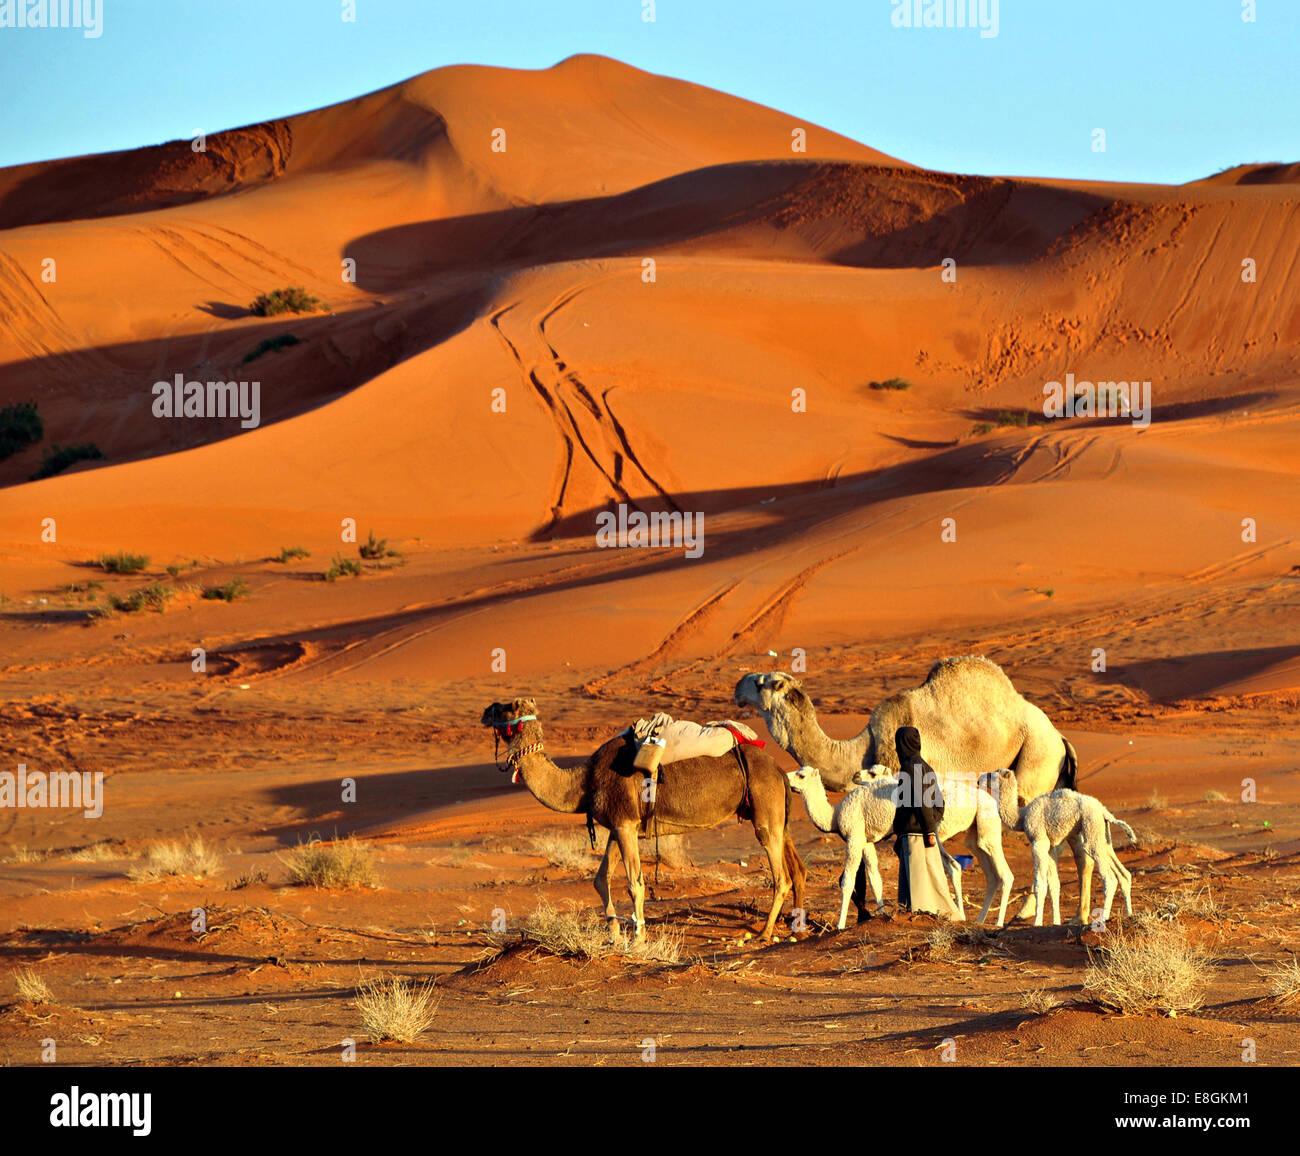 Arabia Saudita, Ghuwaymid, Zulfi St, persona con camellos en el desierto Imagen De Stock